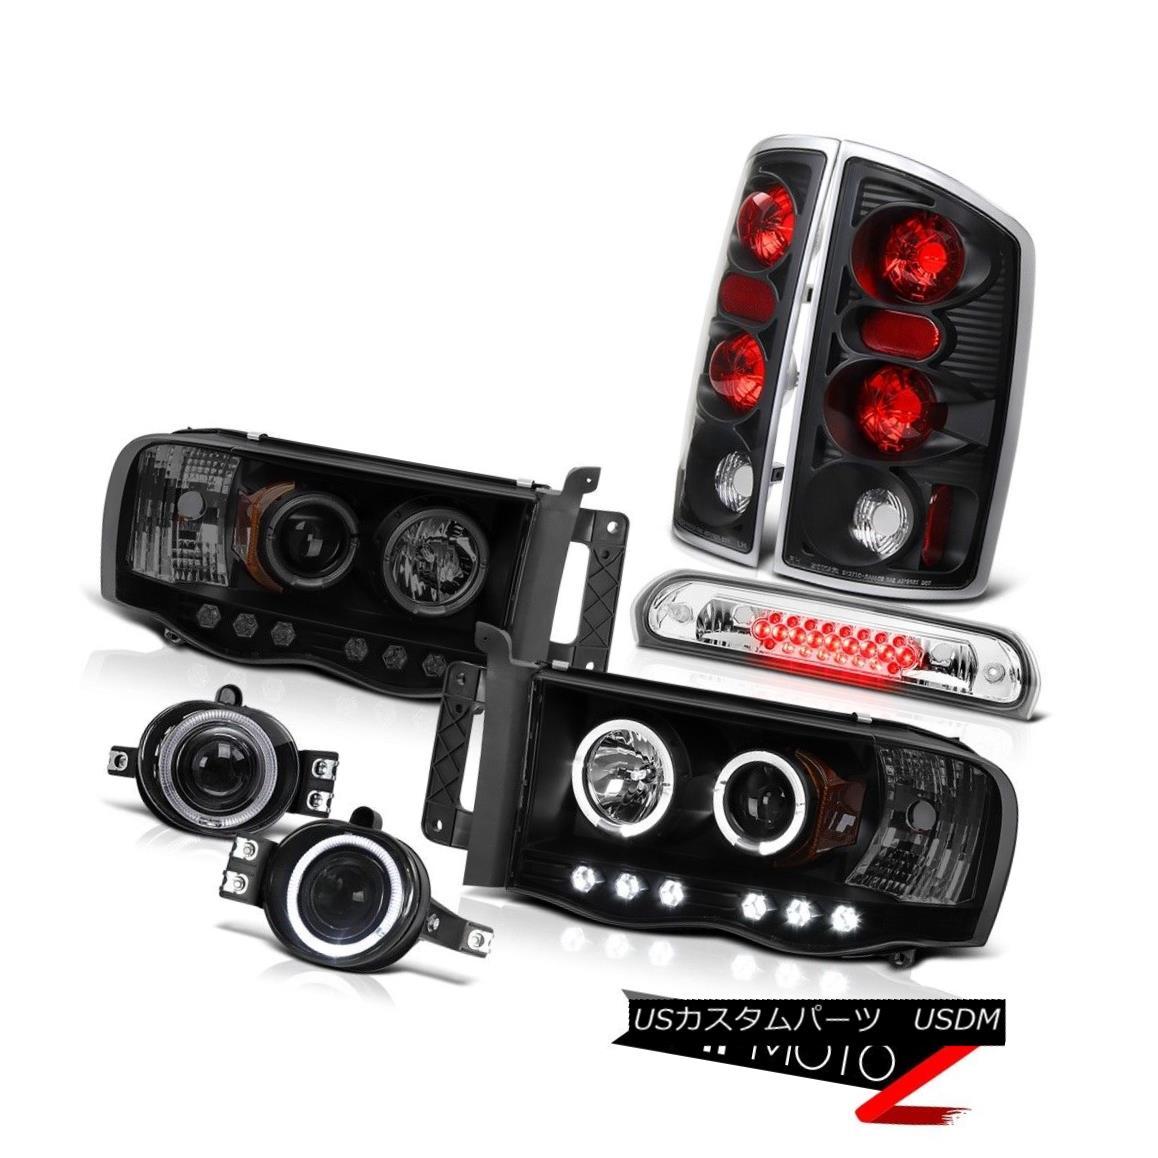 テールライト 02-05 Ram TurboDiesel Headlights Halo LED Rear Tail Lamps Foglights Chrome 3rd 02-05ラムターボディーゼルヘッドライトHalo LEDリアテールランプフォグライトクローム3rd